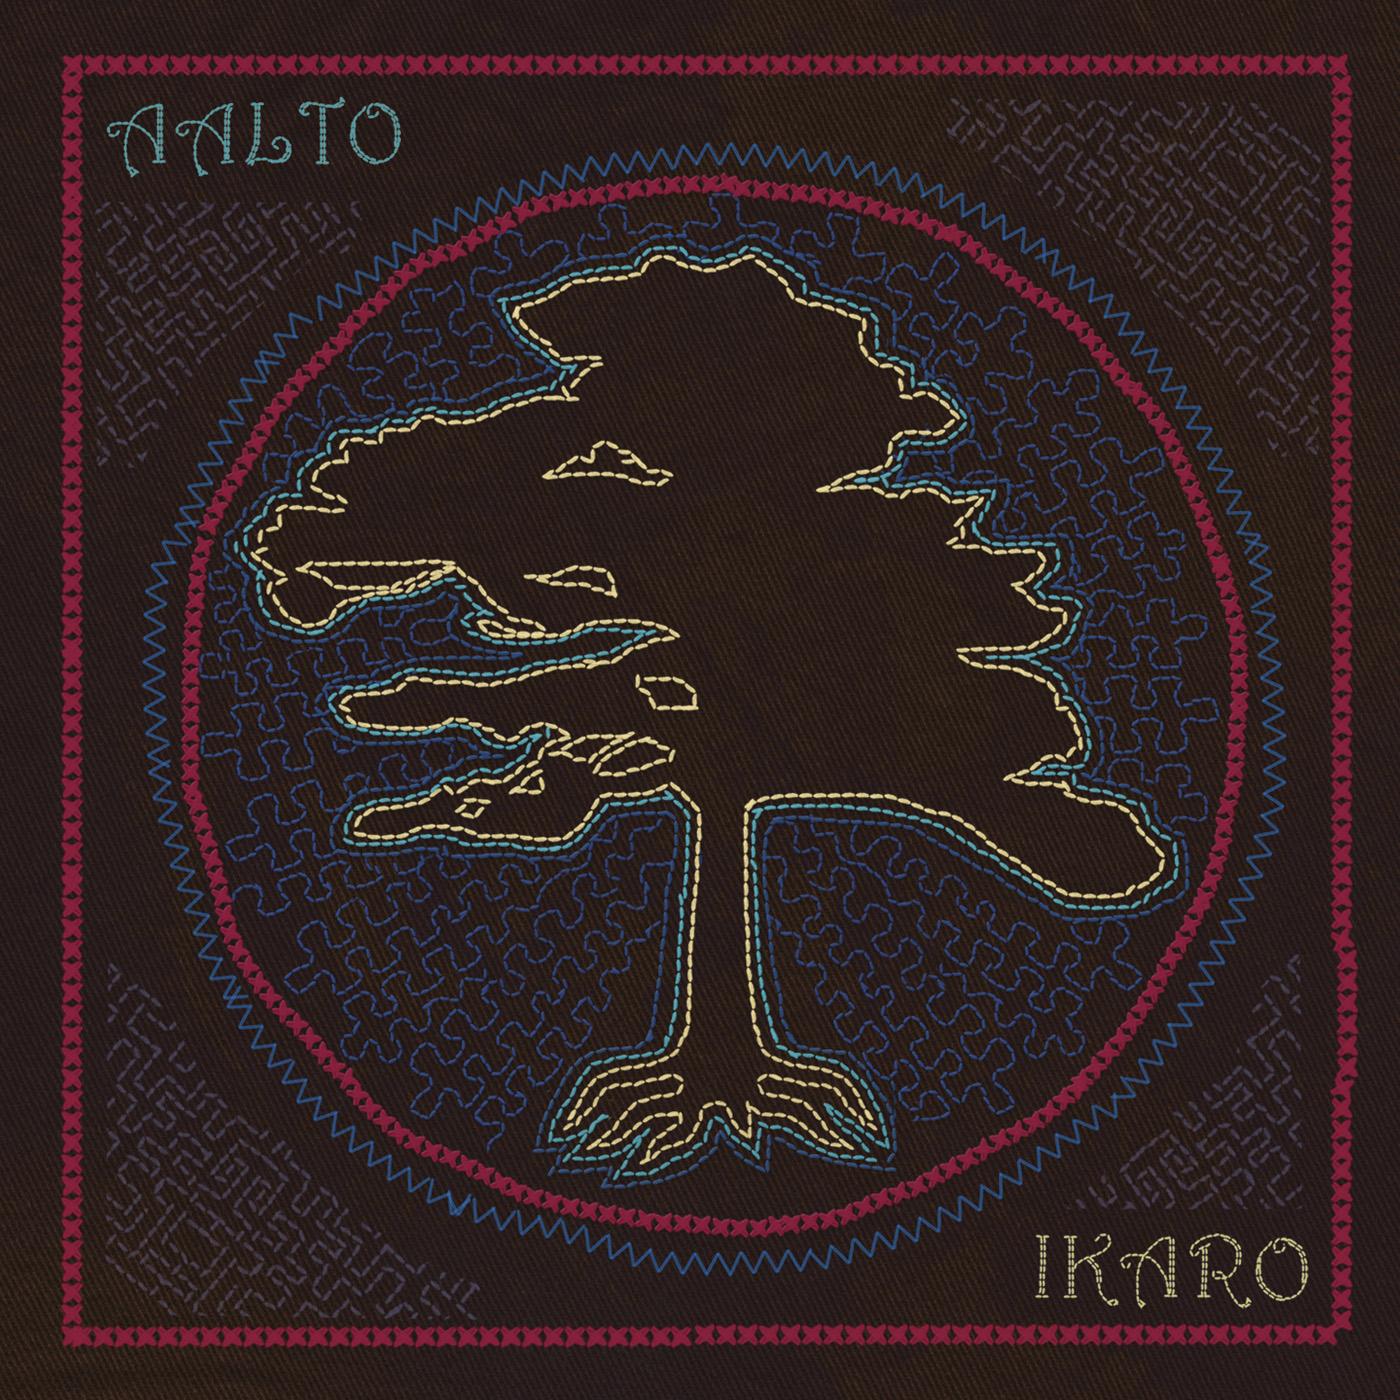 Aalto: Ikaro